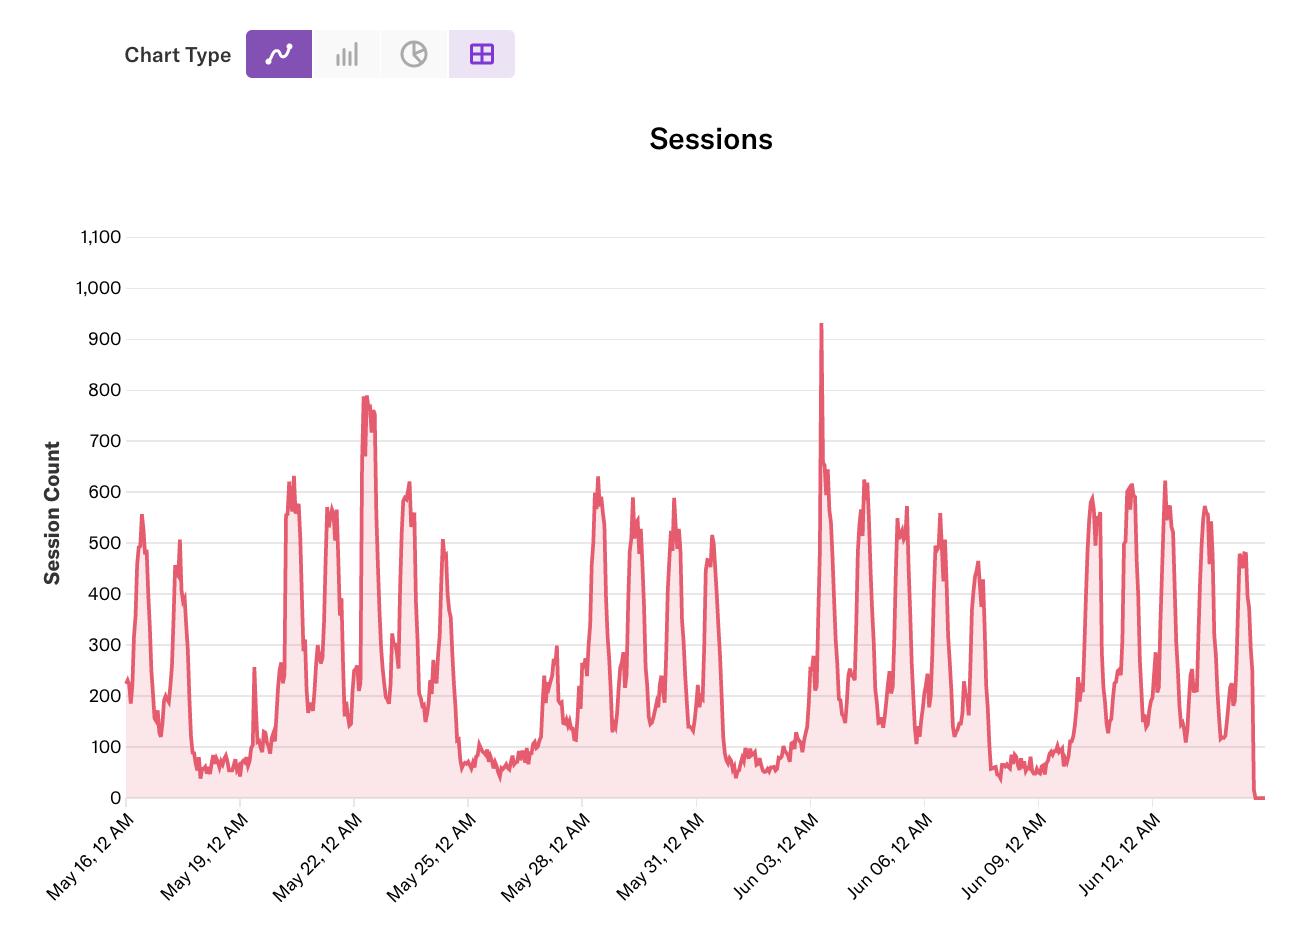 Day/Time Matrix Analysis